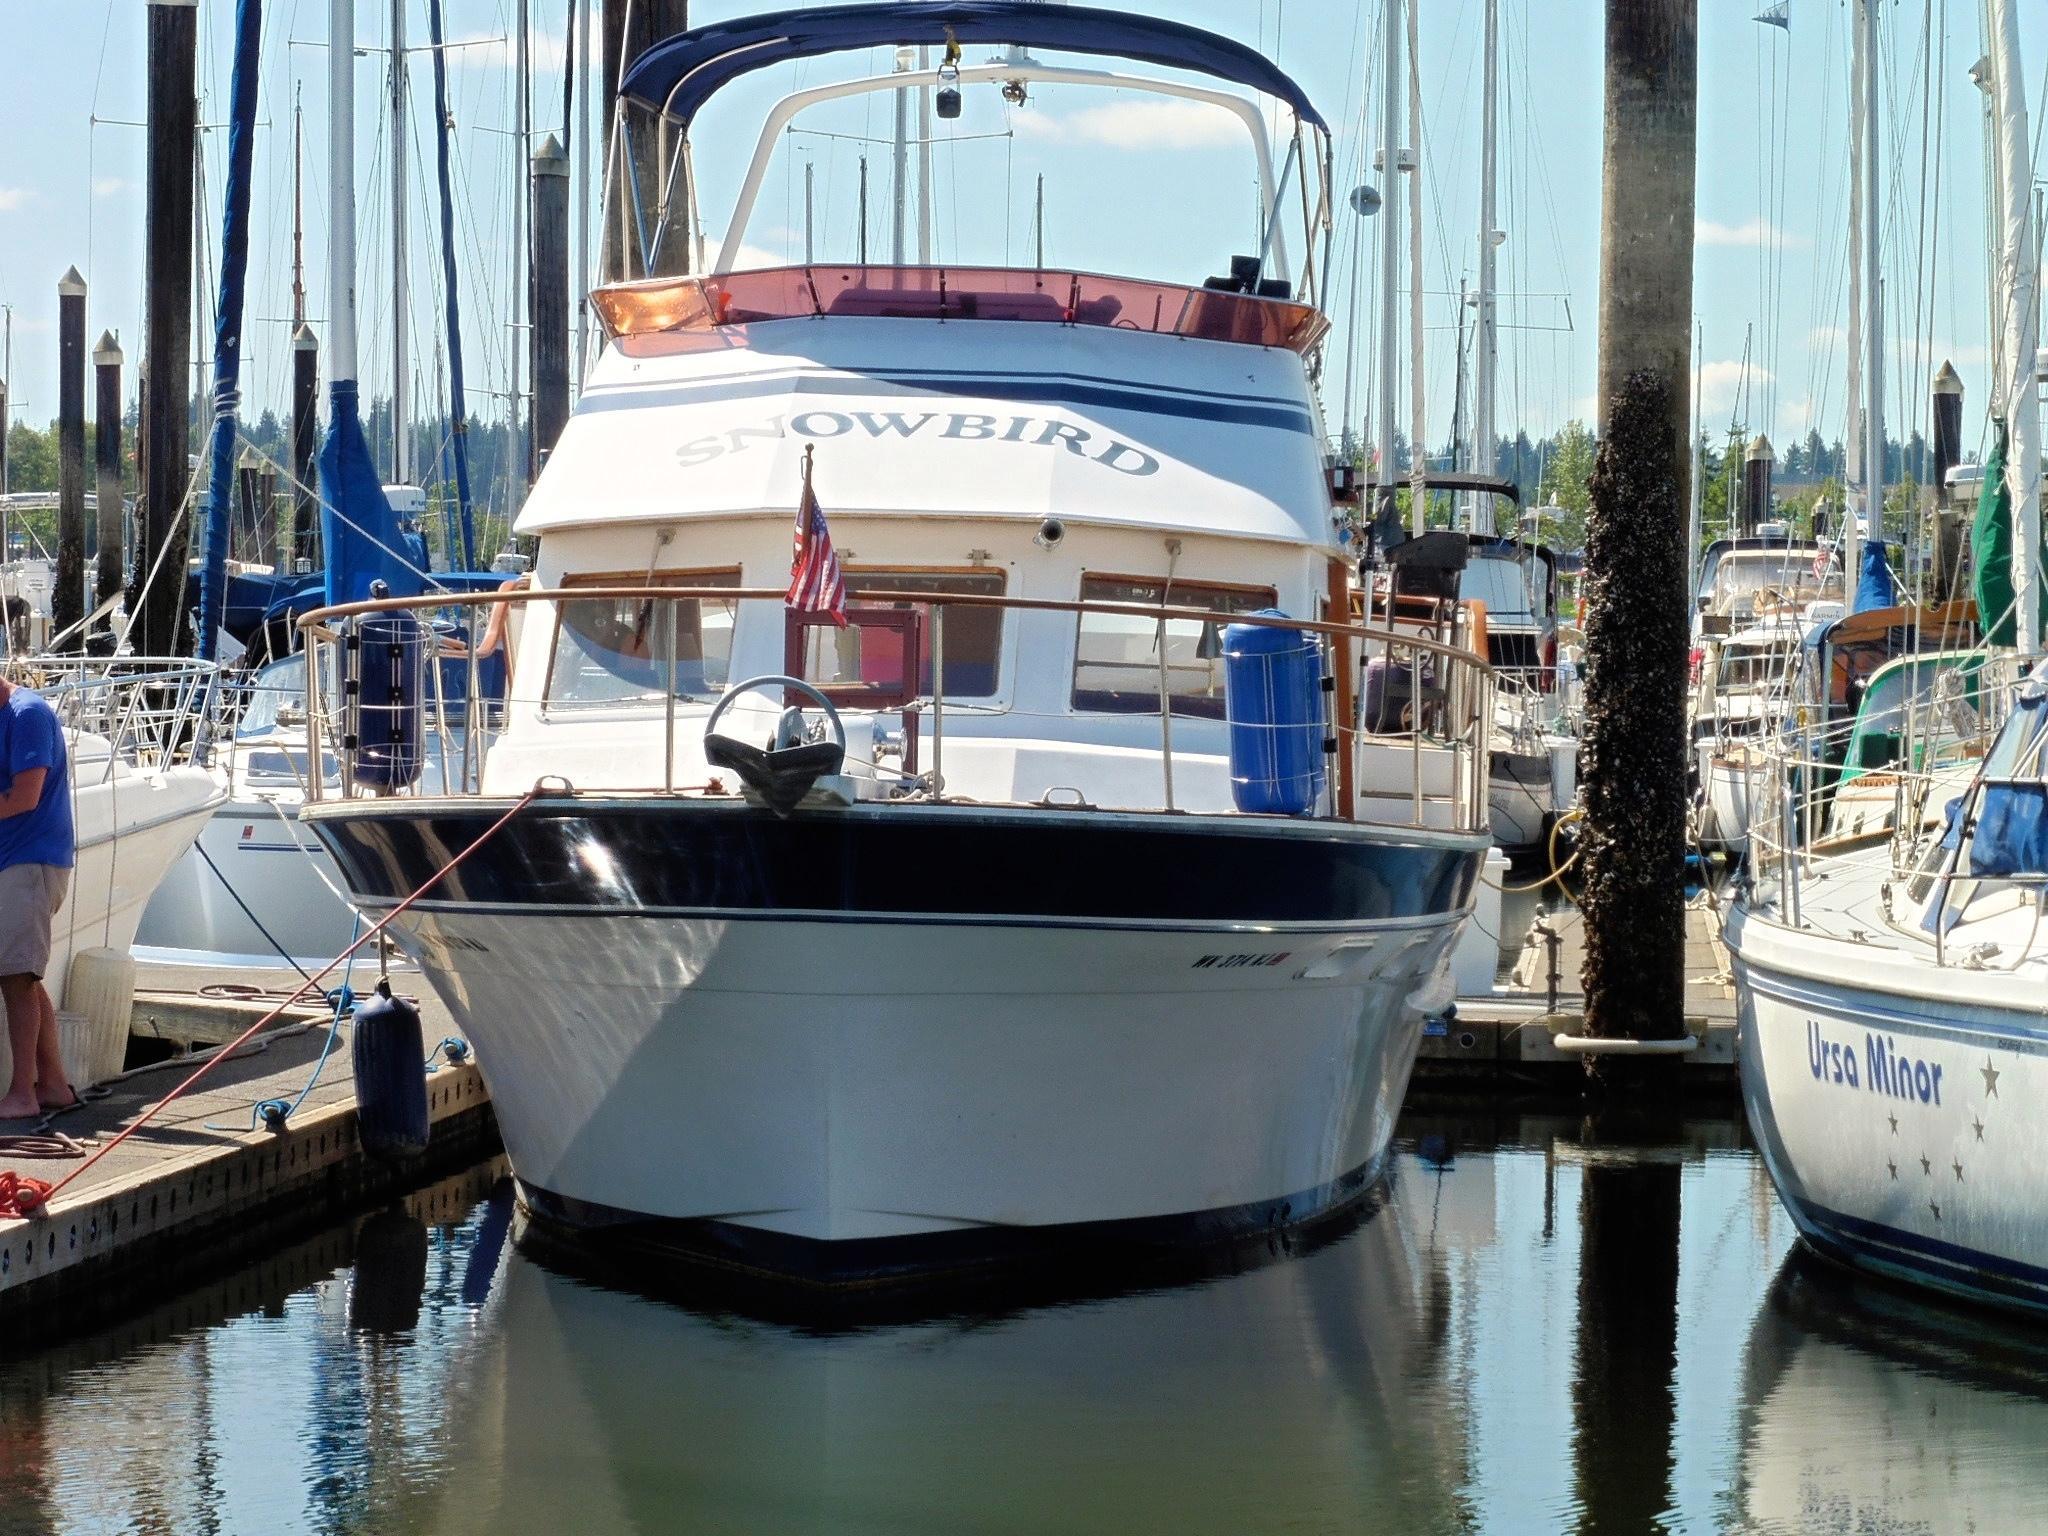 Kha Shing aft-cabin motor yacht